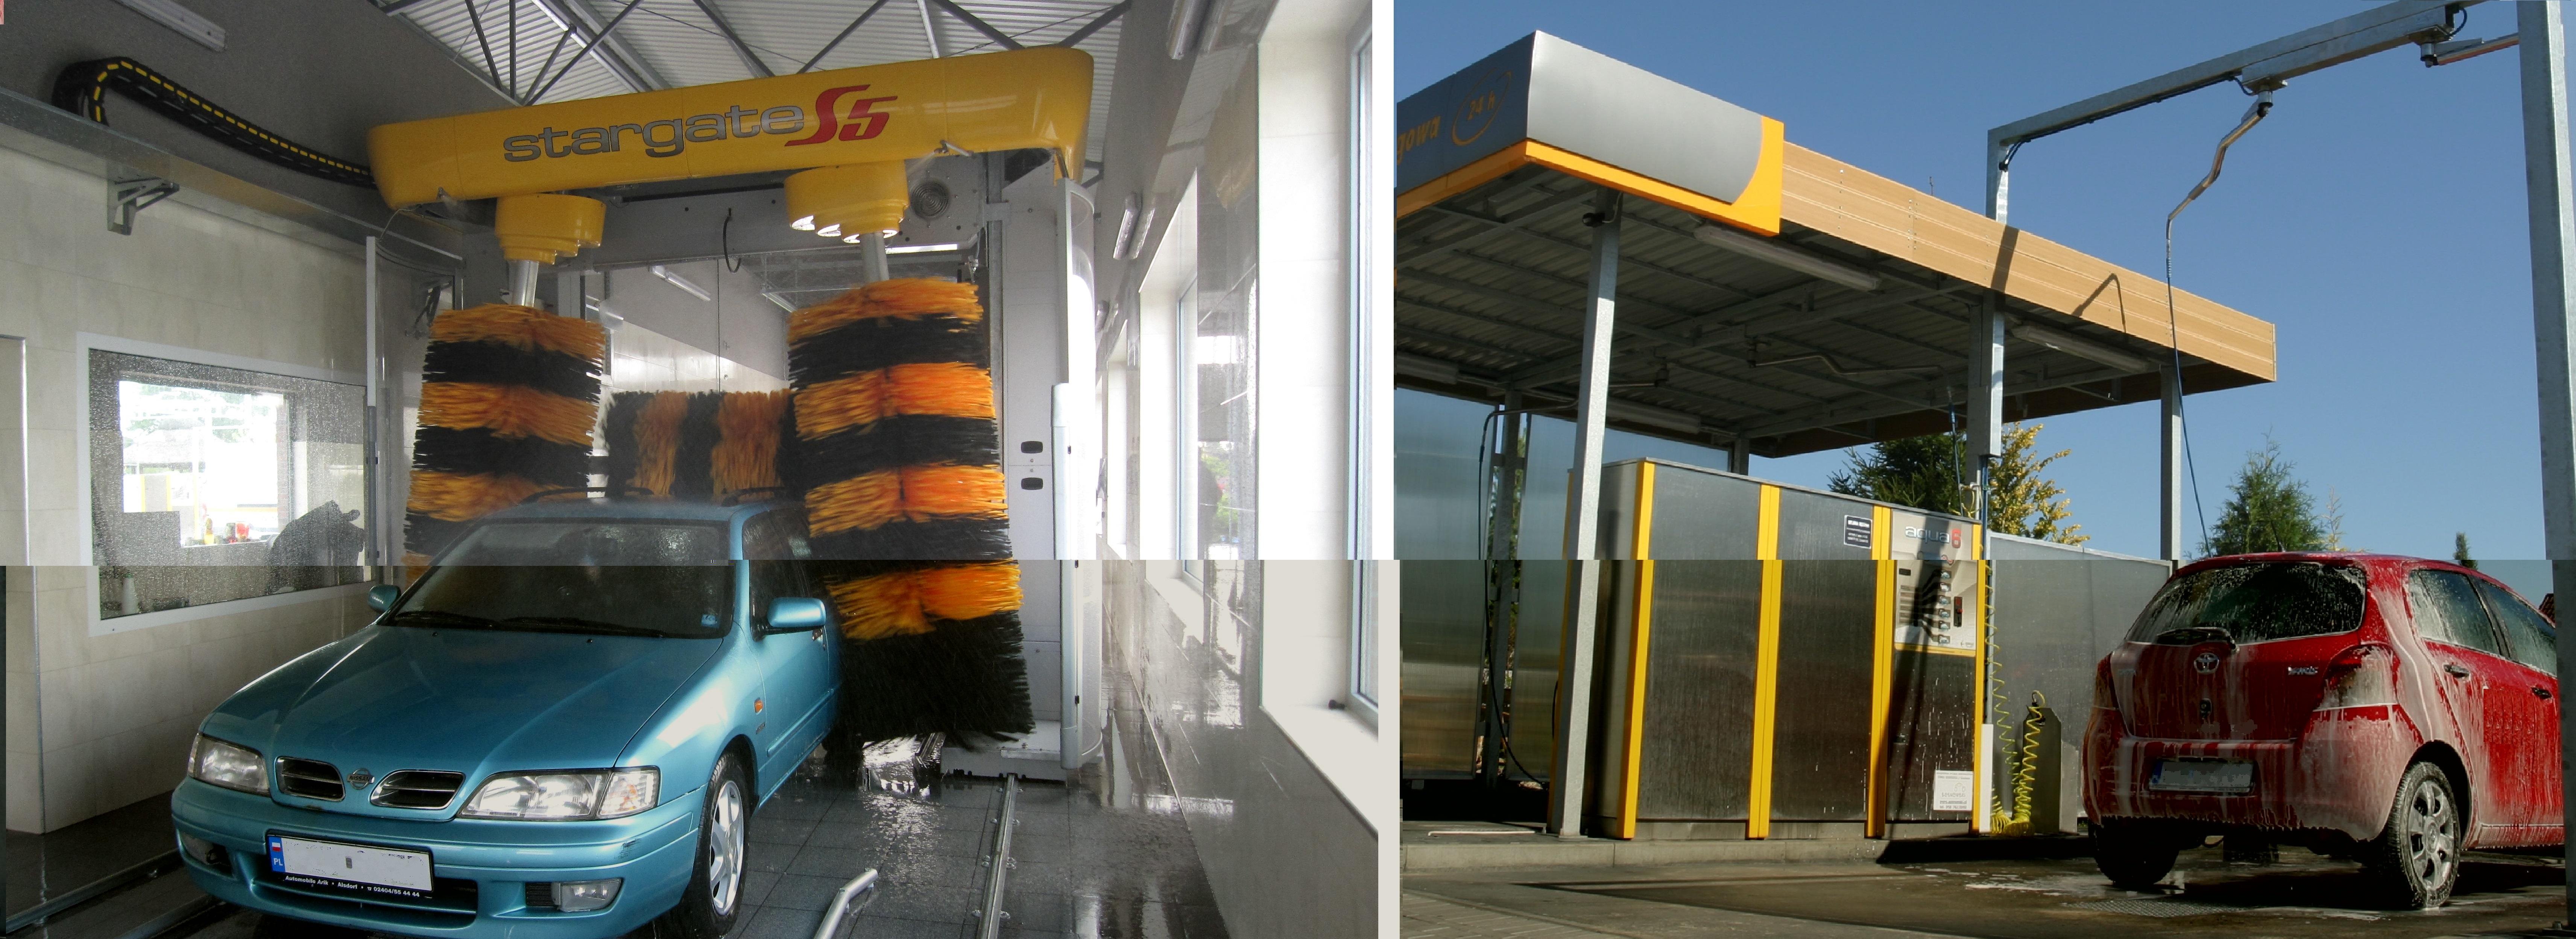 Ogromnie Myjnie bezdotykowe, myjnie tir i pojazdów szynowych IU99